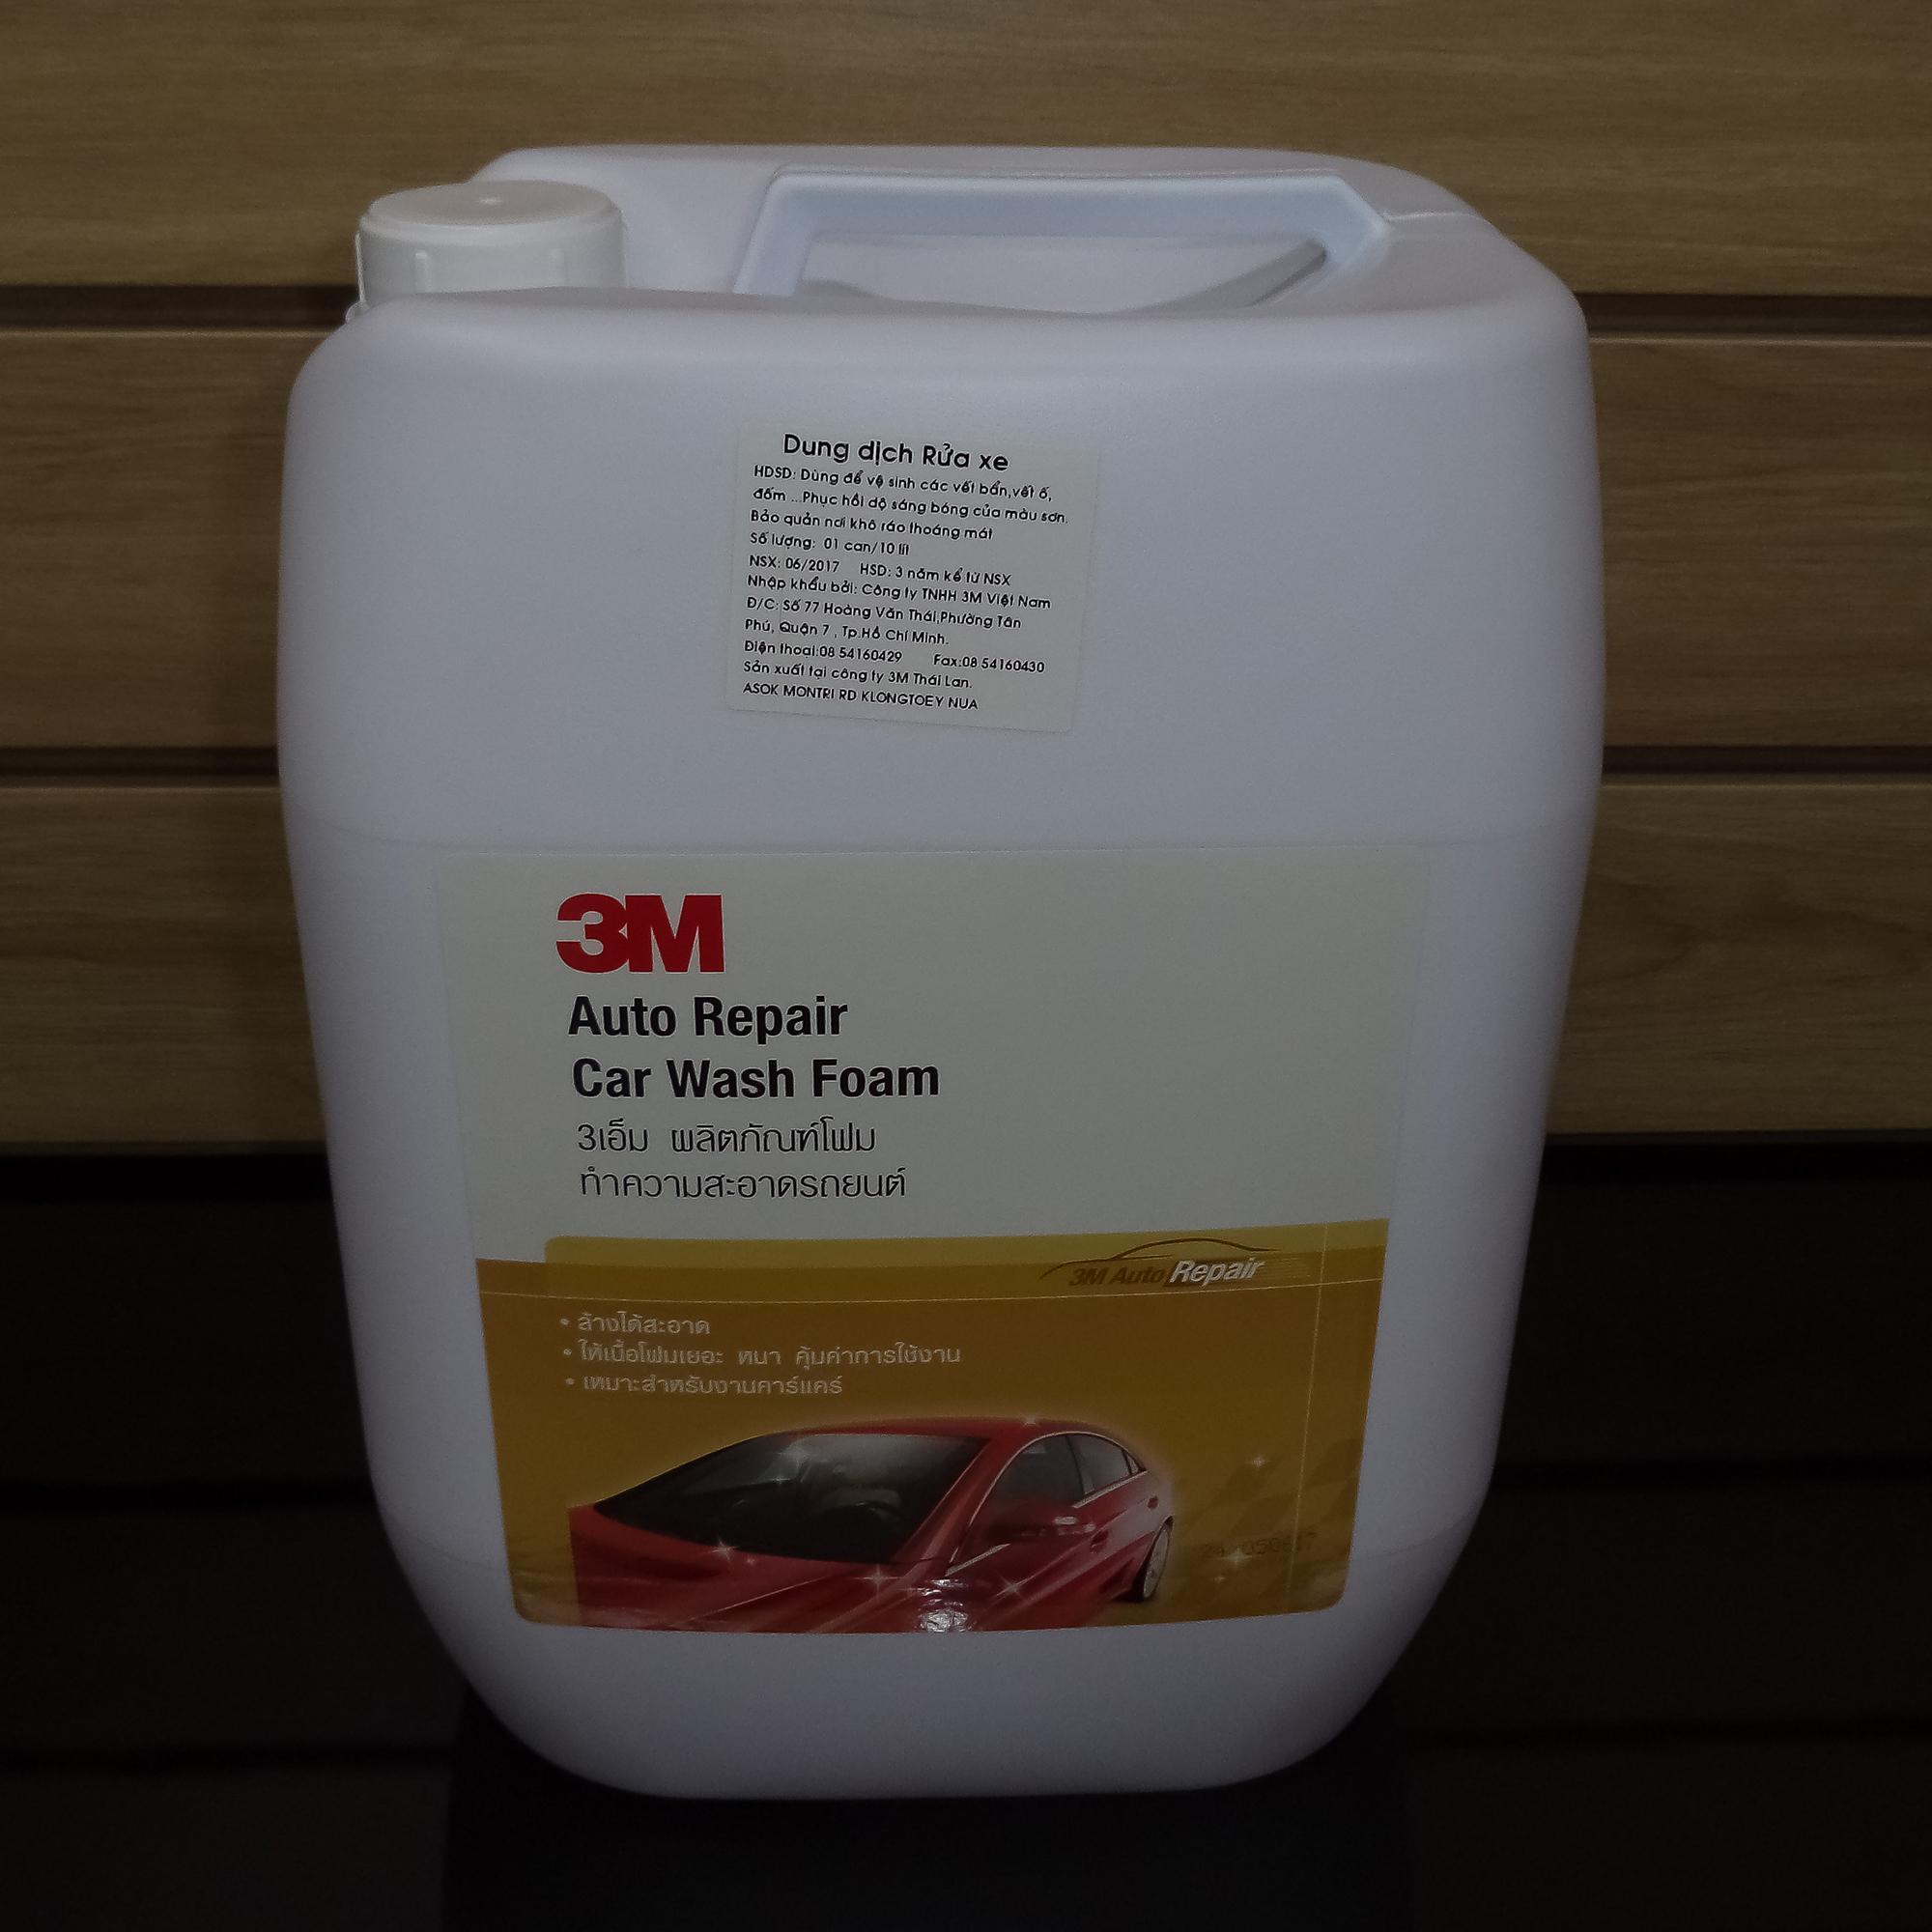 xà phòng rửa xe 3M